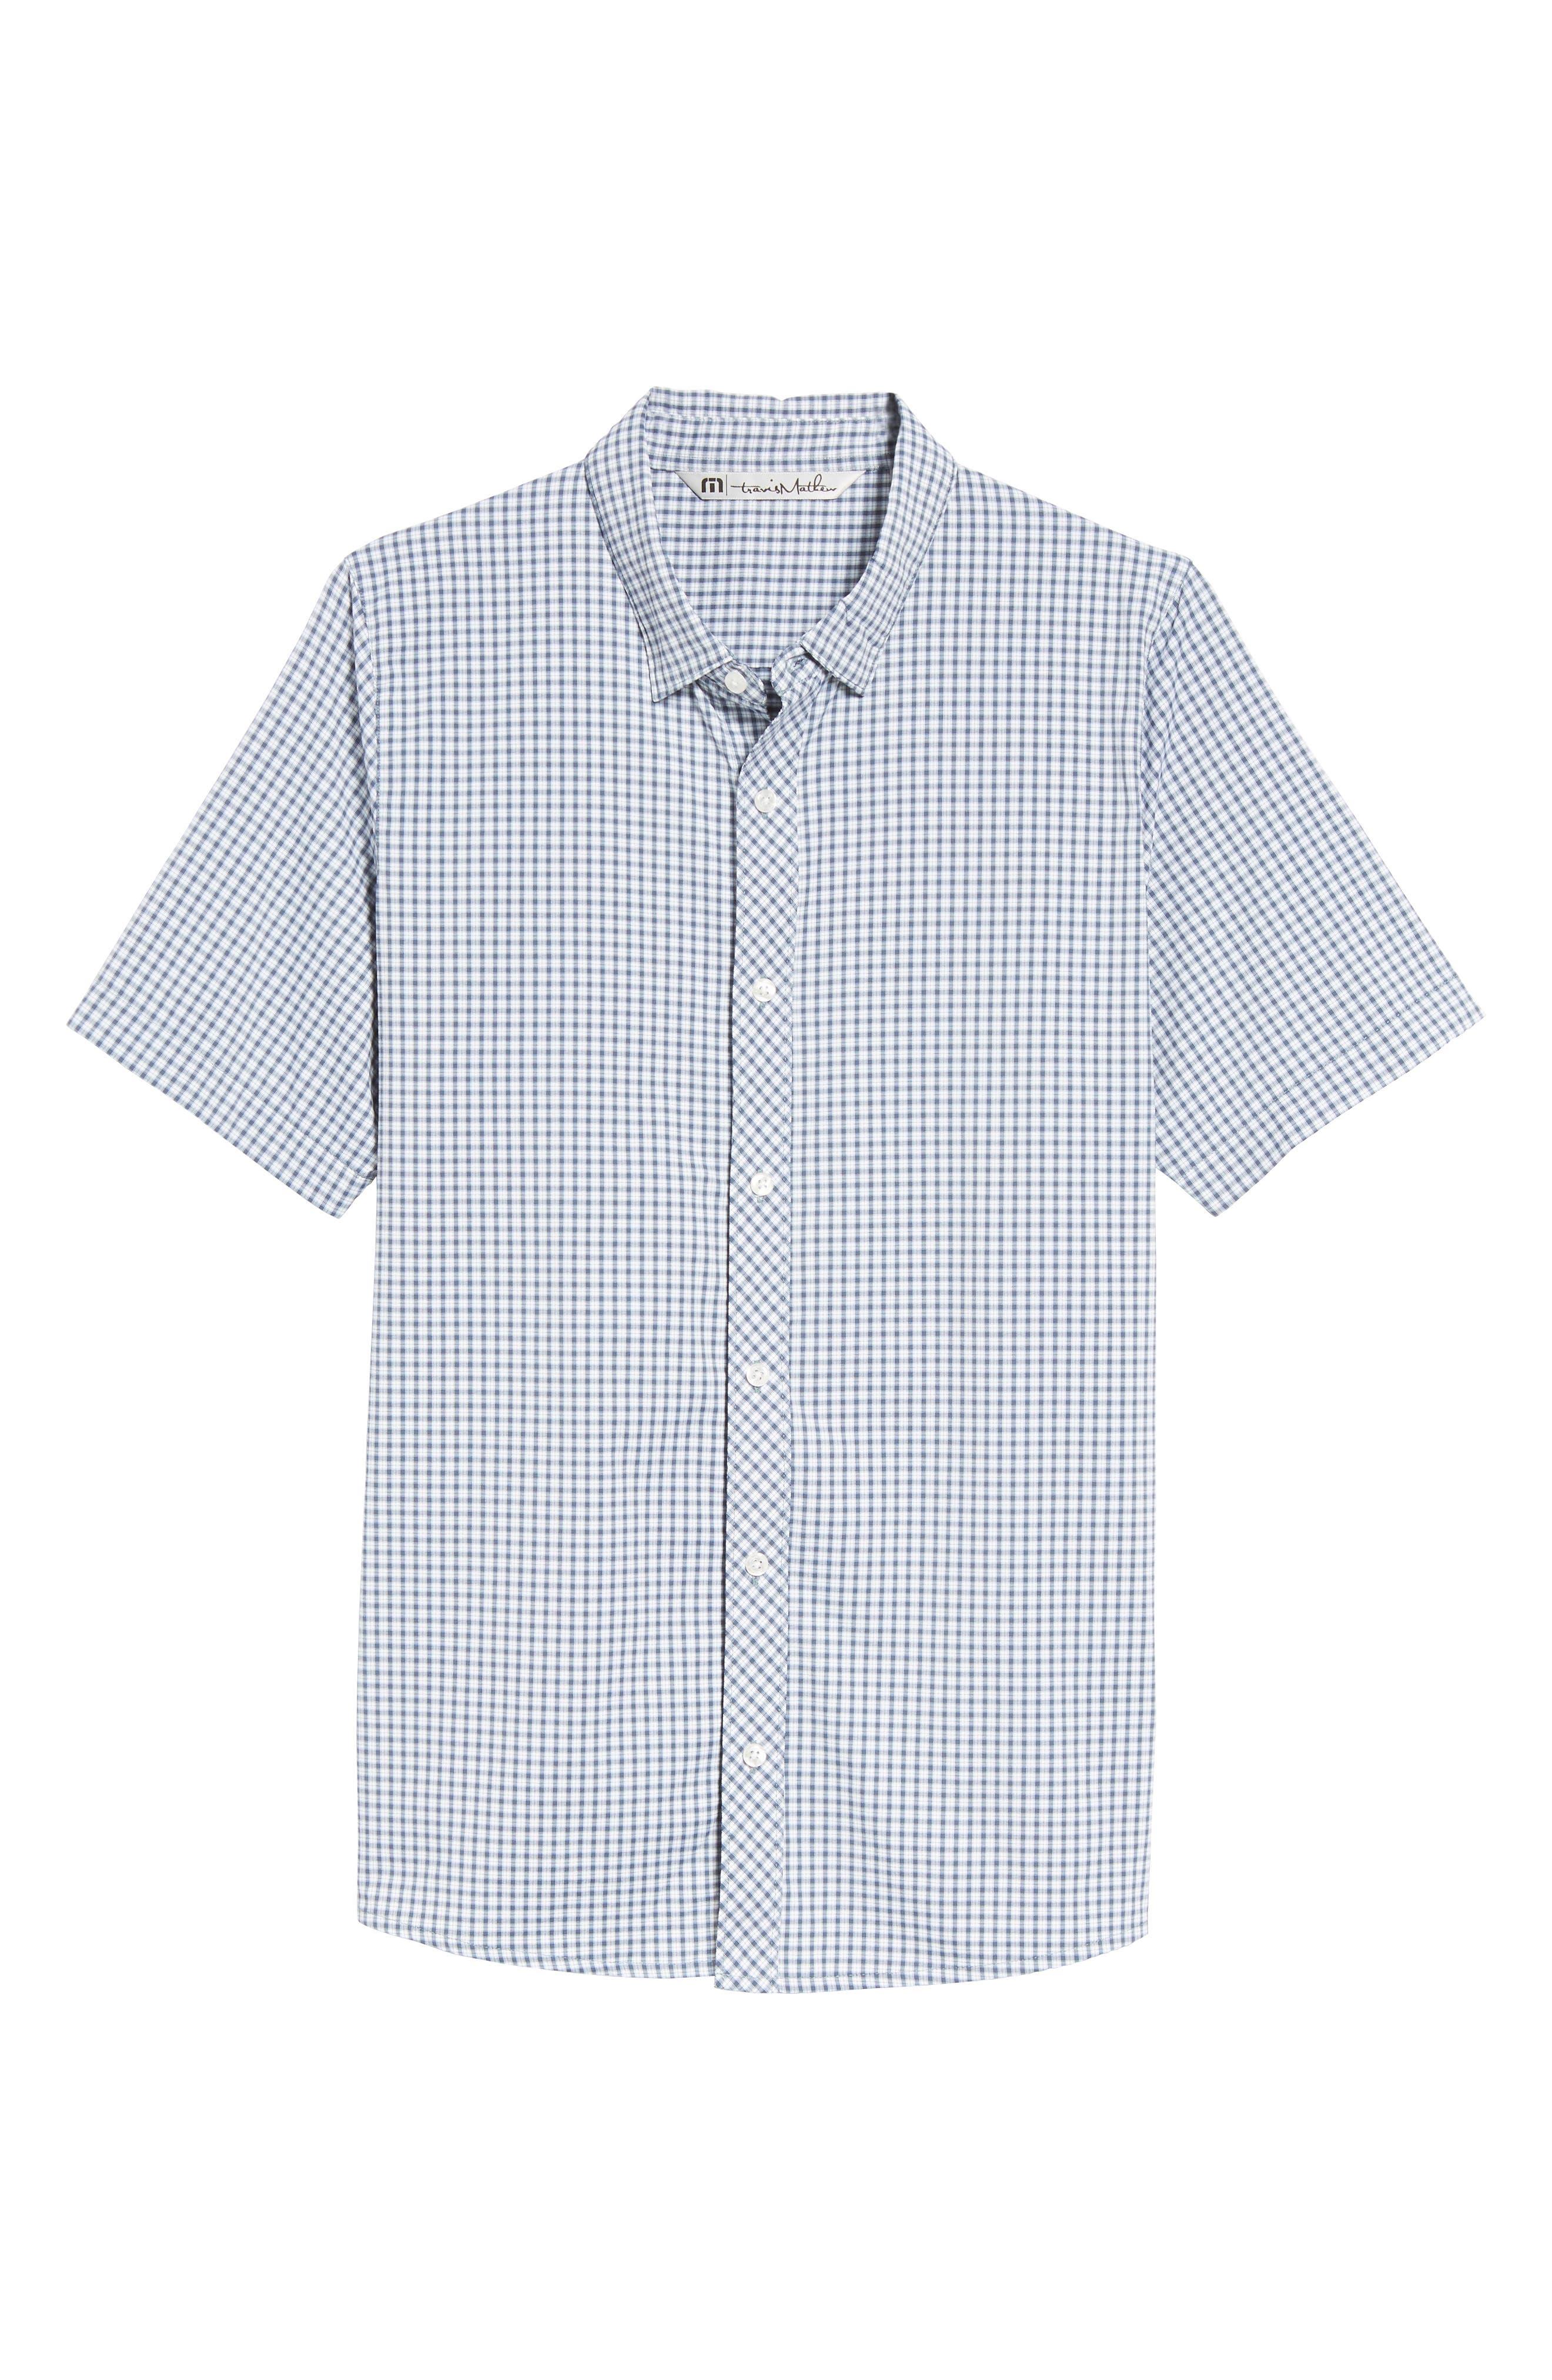 Barker Trim Fit Plaid Sport Shirt,                             Alternate thumbnail 6, color,                             400